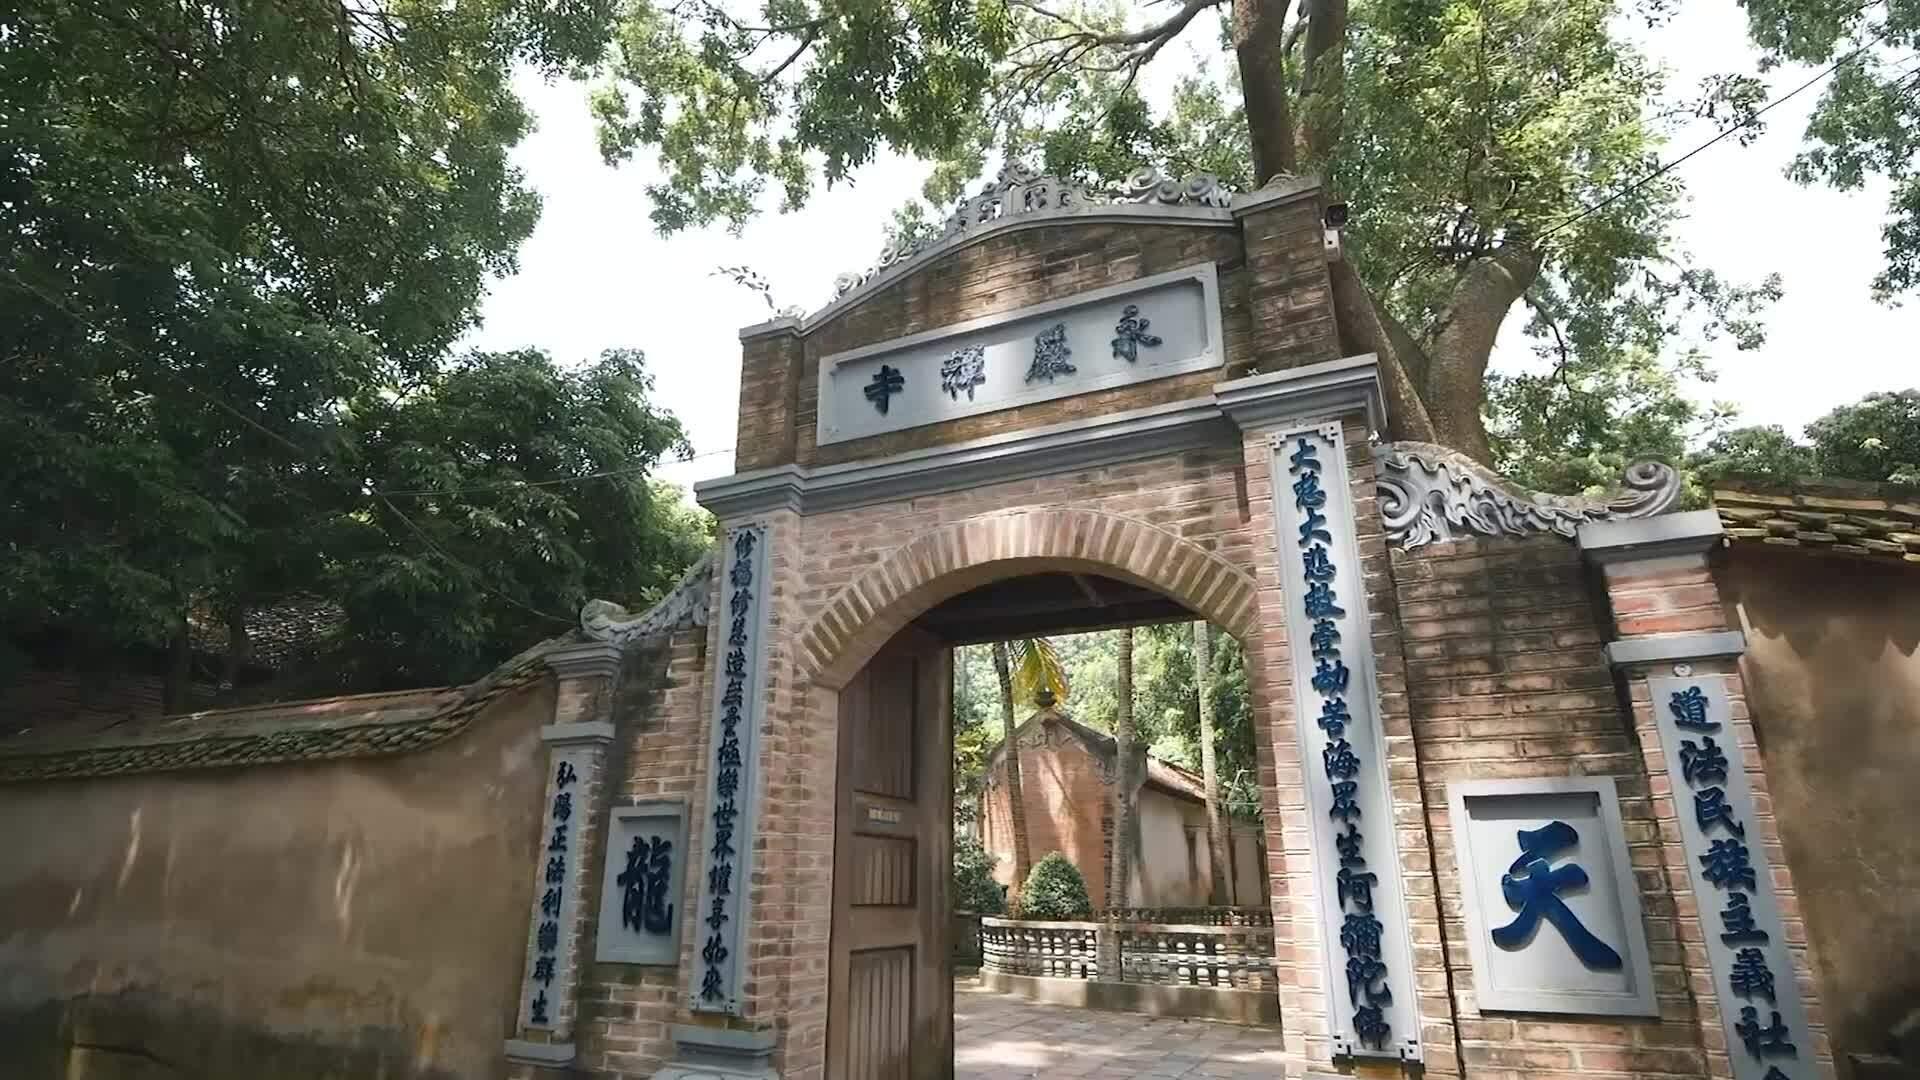 Ngôi chùa cổ lưu giữ hơn 3.000 mộc bản in